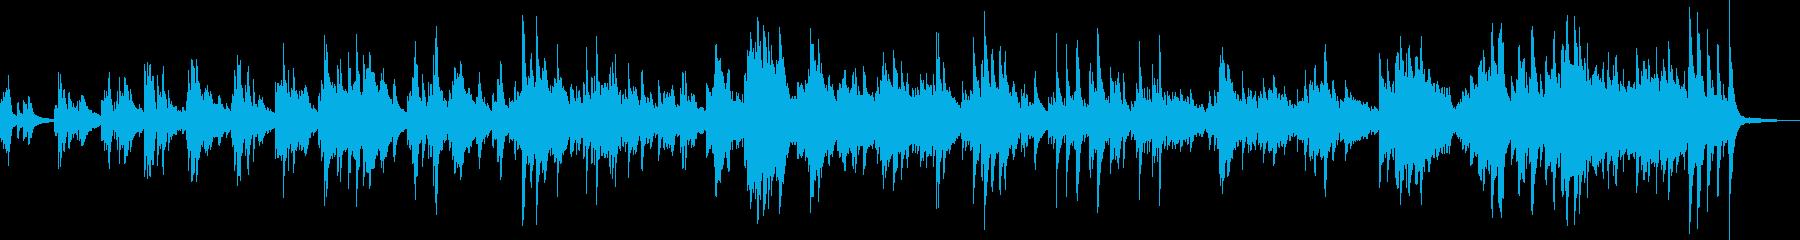 小さな幸せ(ピアノ・落ち着く・BGM)の再生済みの波形